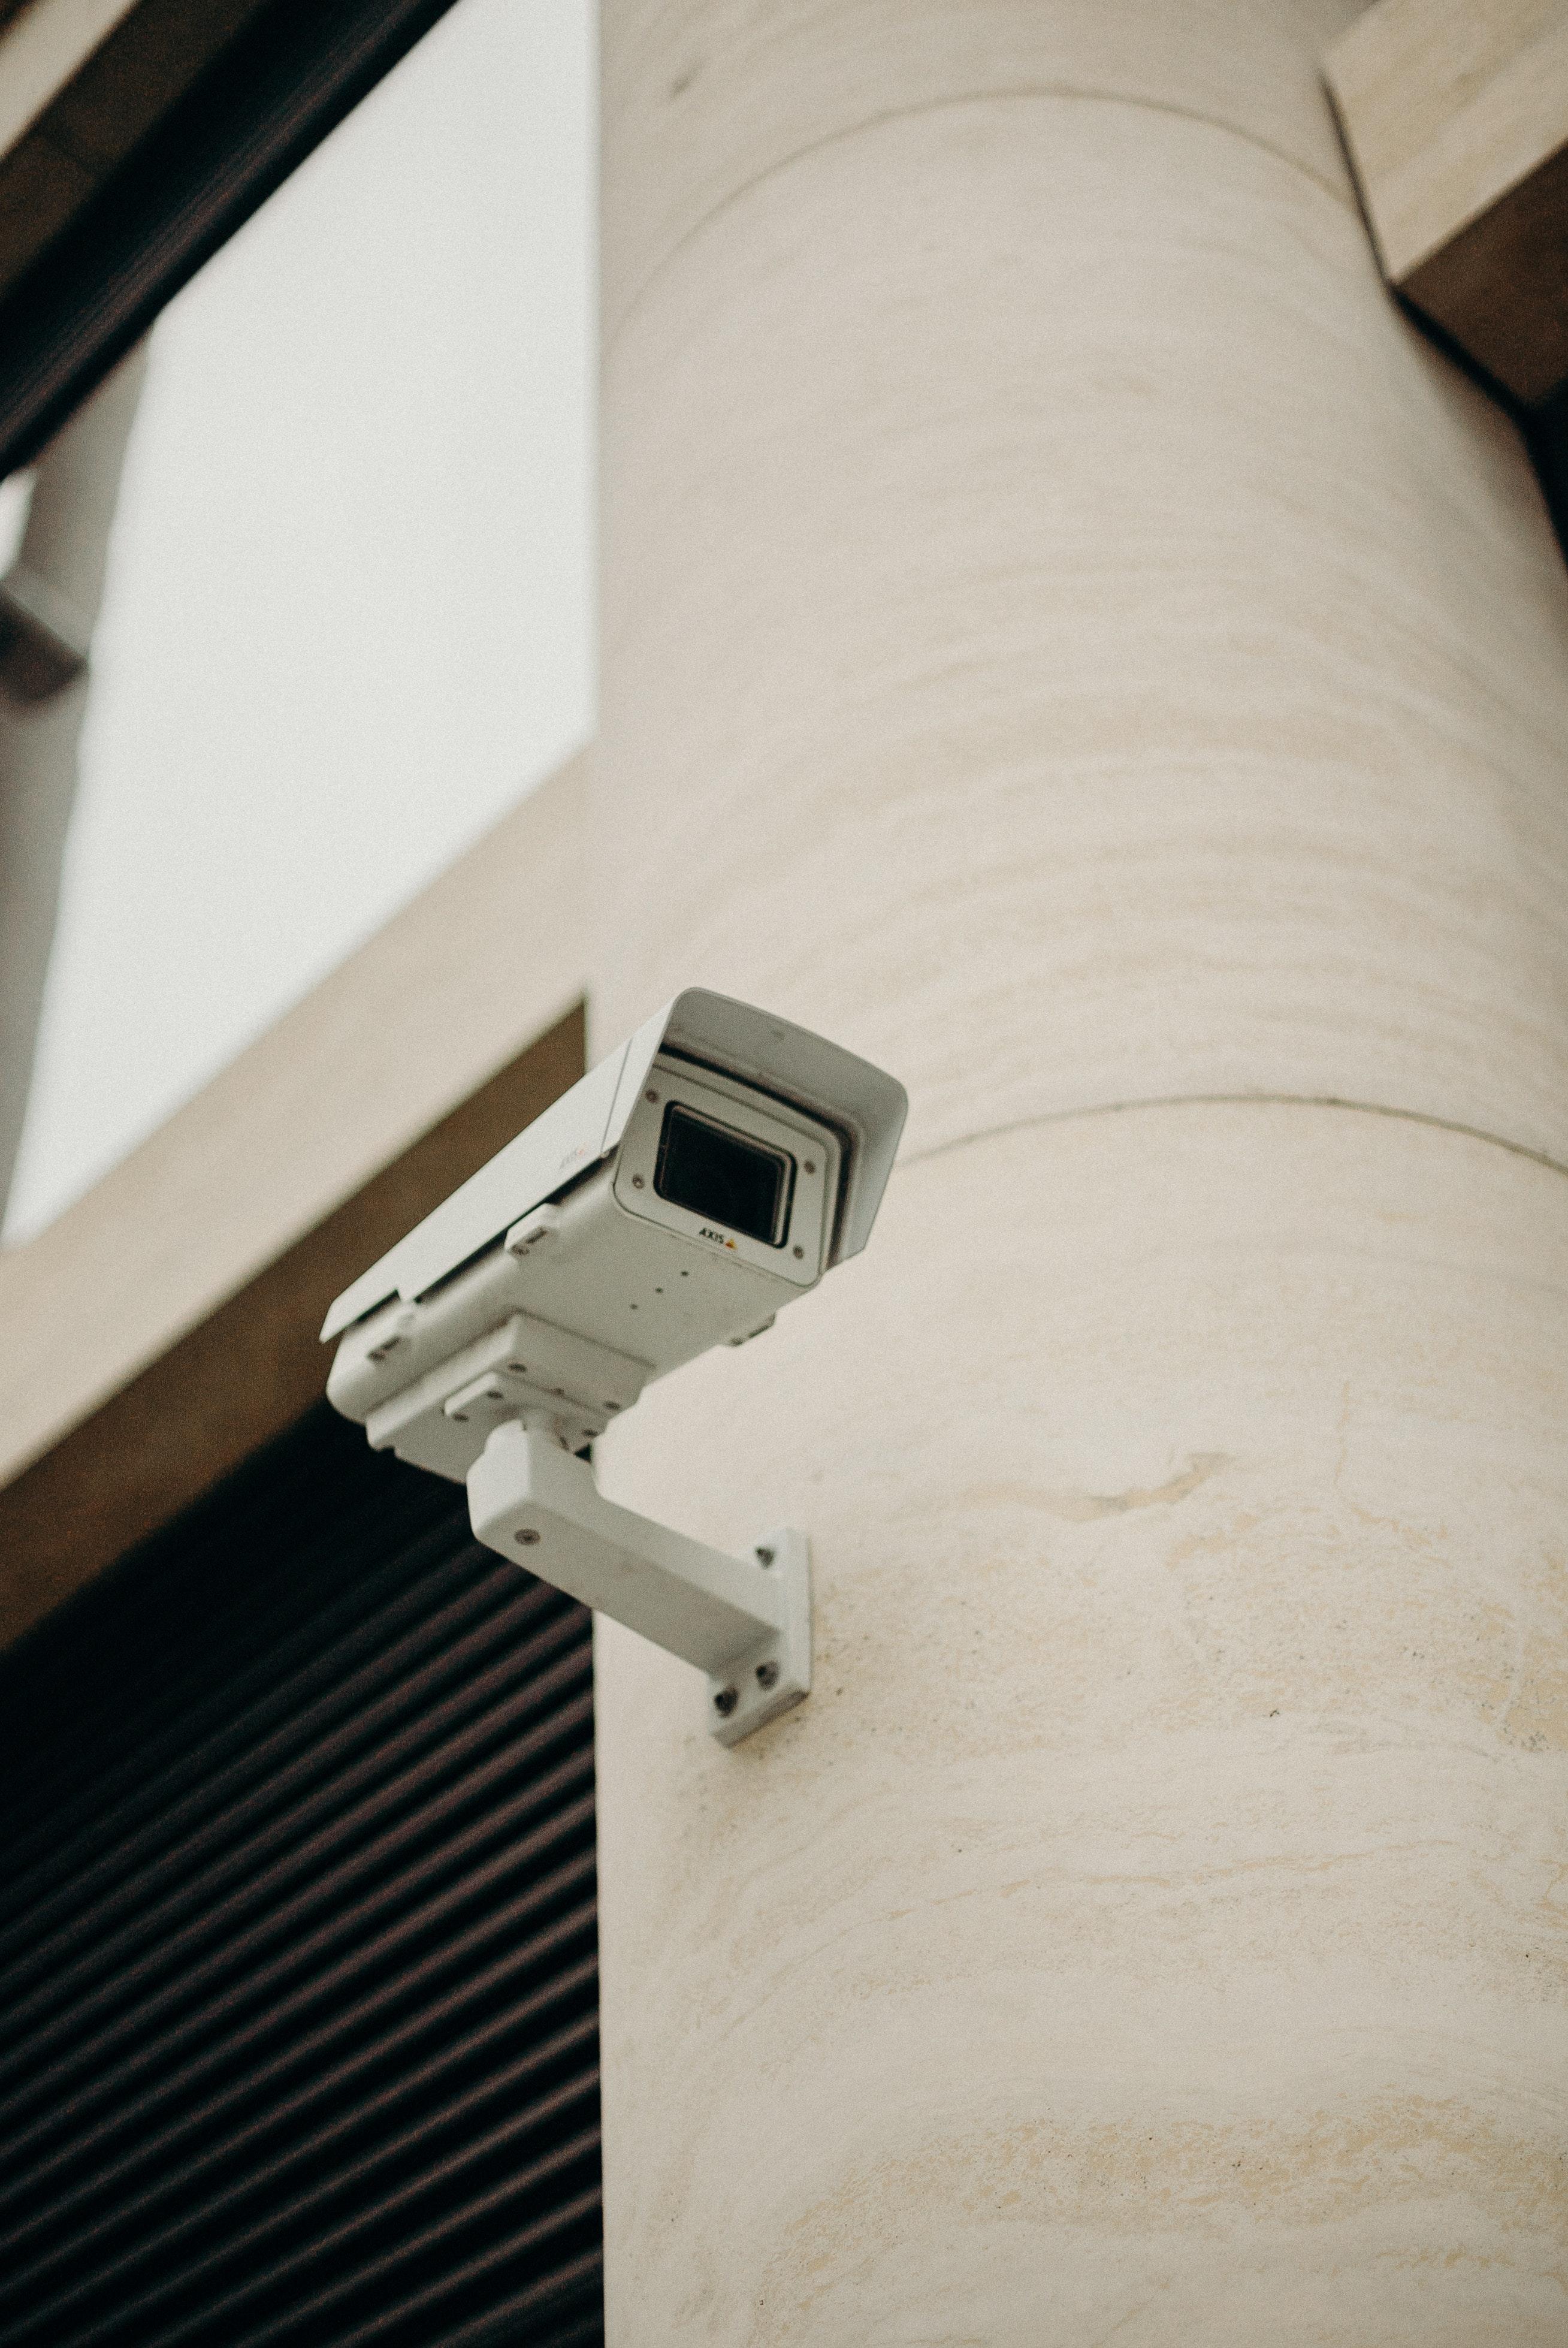 Ικανοποίηση του δικαιώματος ενημέρωσης κατά την επεξεργασία δεδομένων μέσω συστημάτων βιντεοεπιτήρησης – νέα υποδείγματα ενημέρωσης